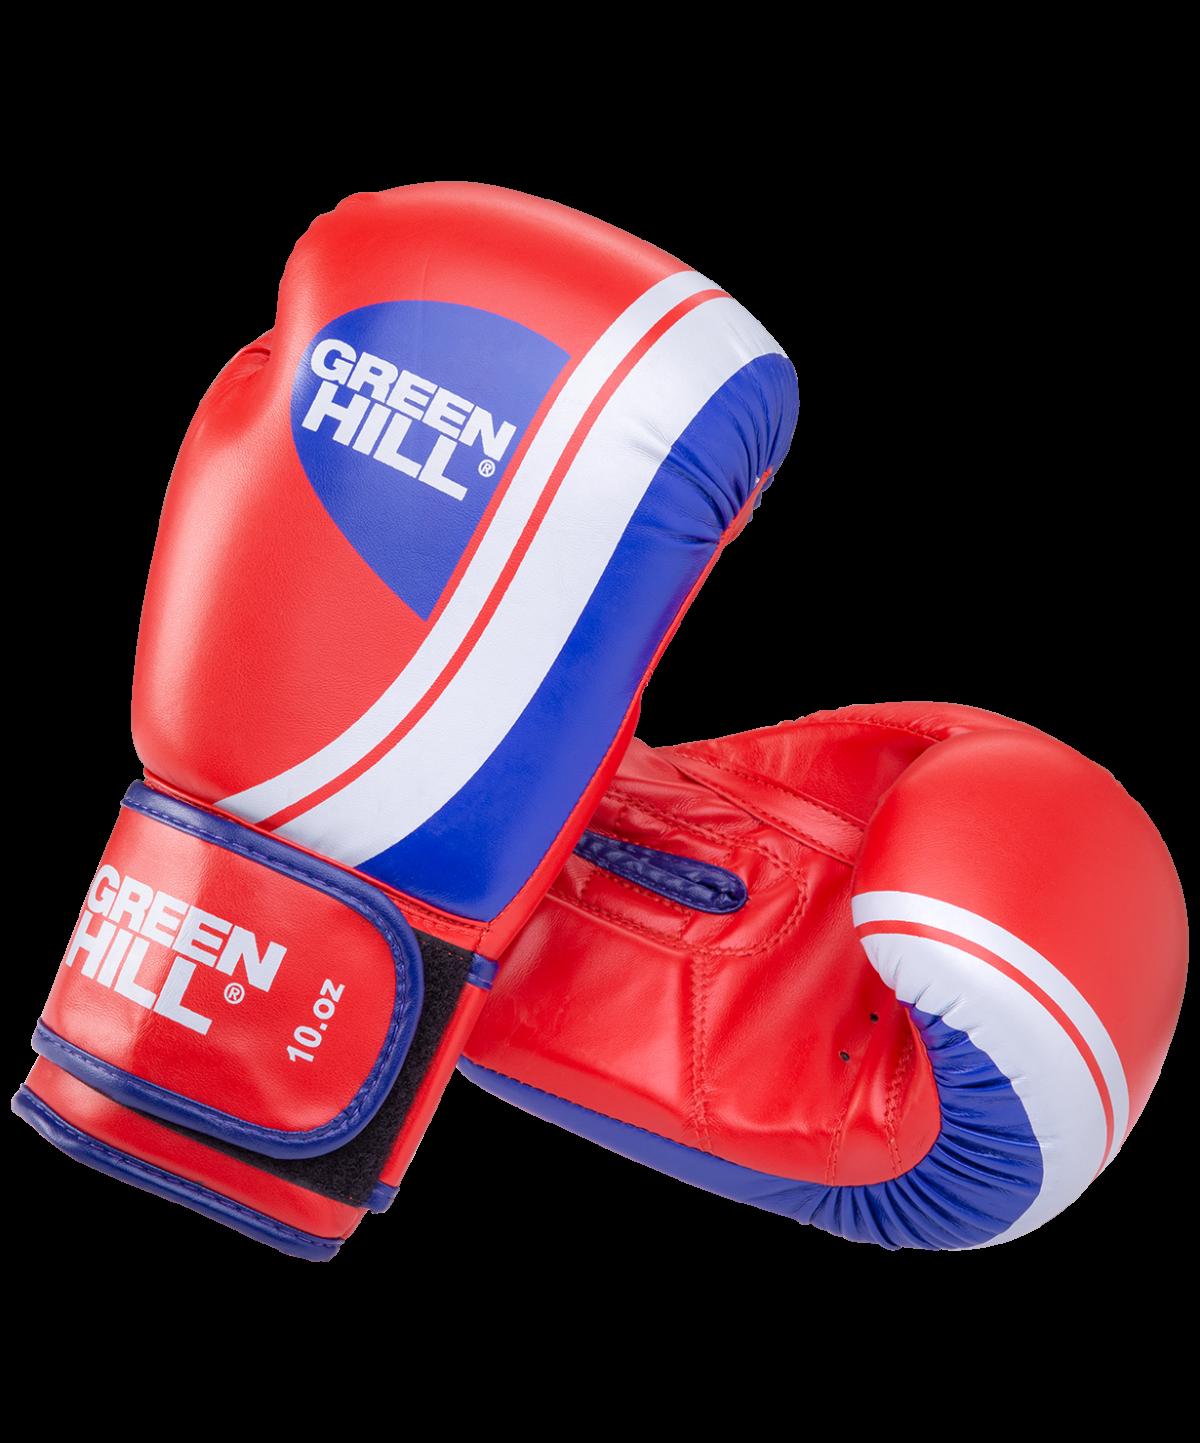 GREEN HILL Перчатки боксерские 10 oz Knockout  BGK-2266 - 1